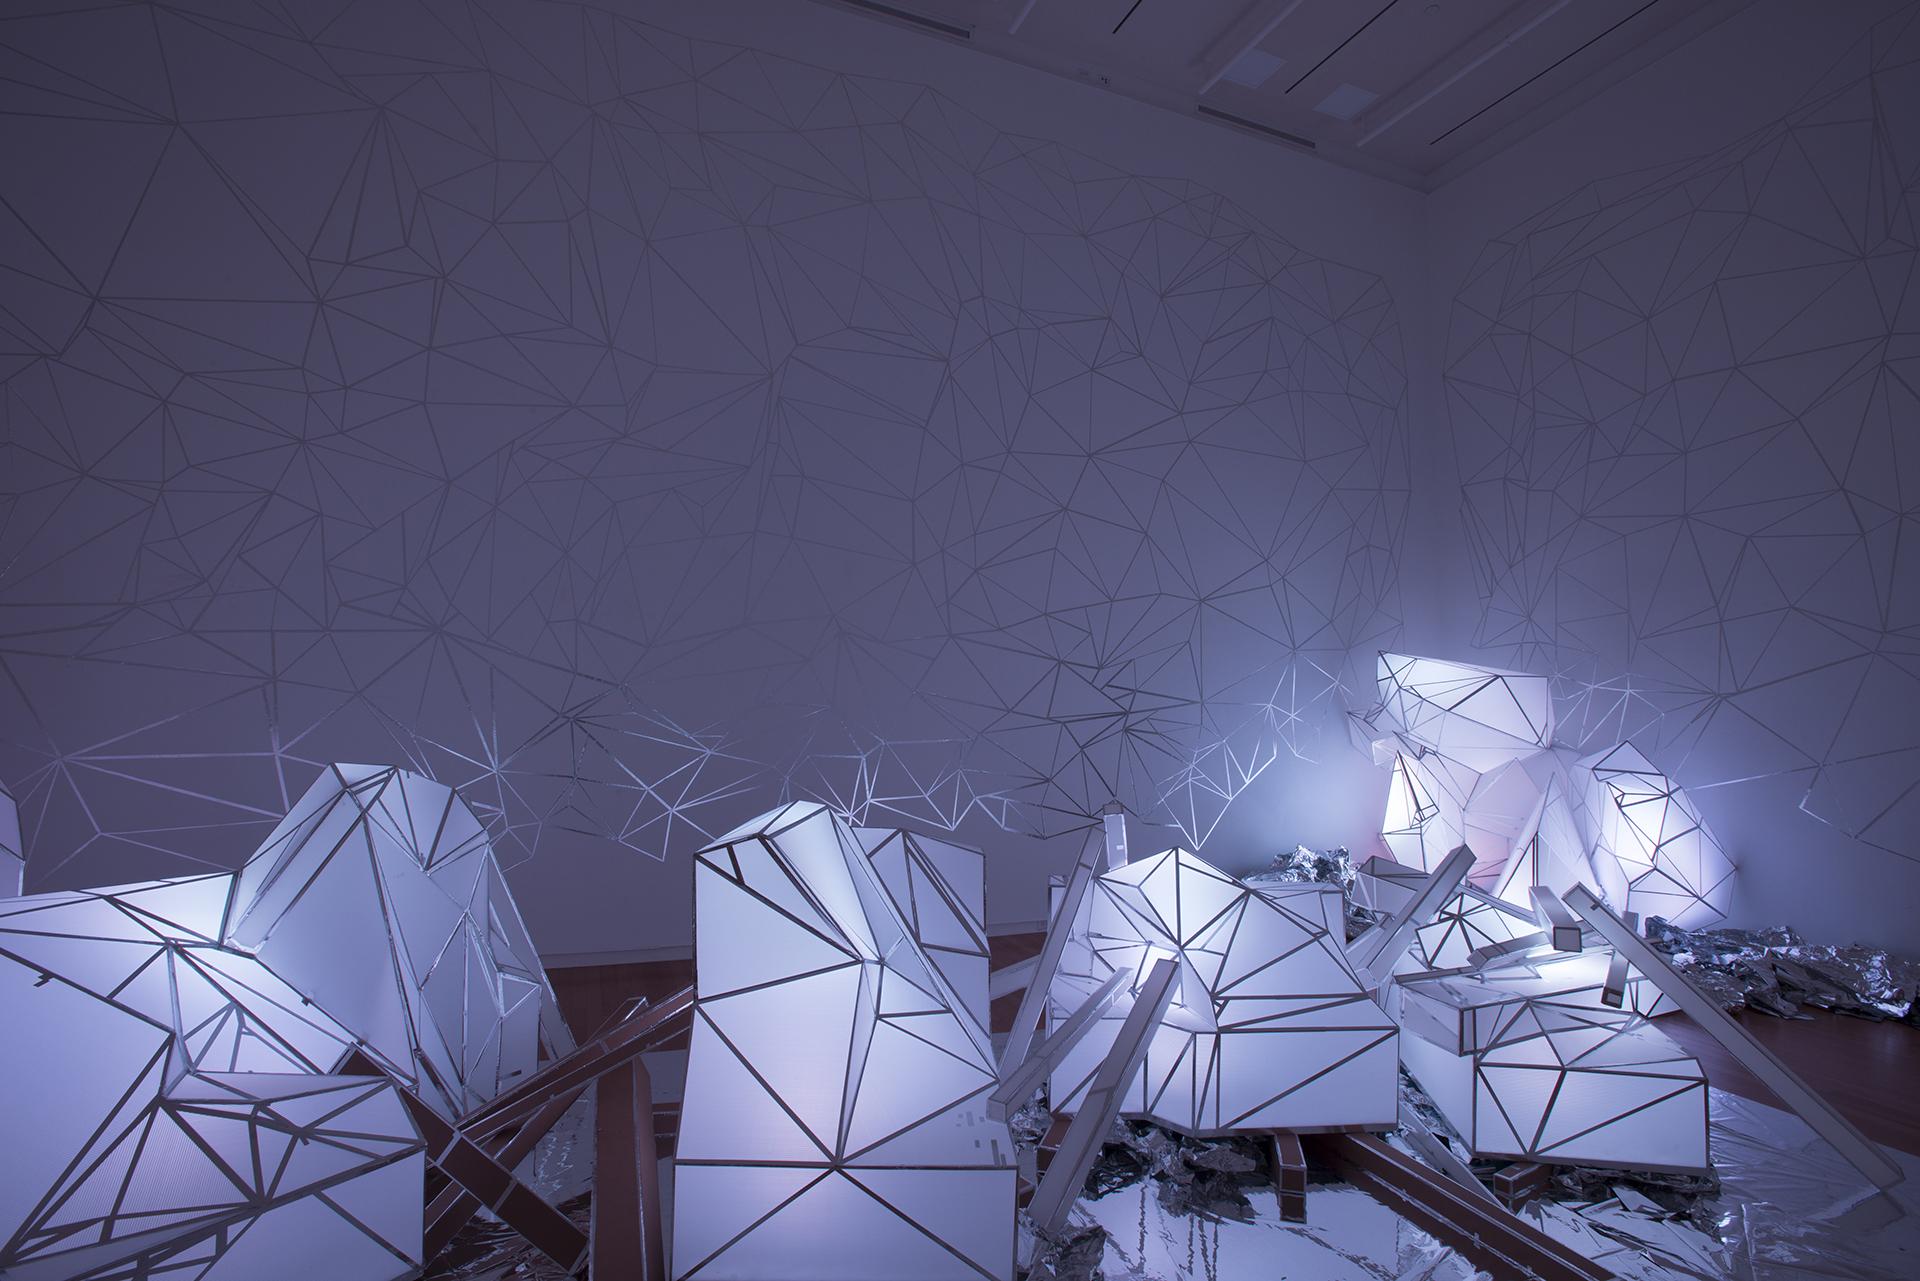 VOID (2015) by Stephen Hendee, sculpture installation